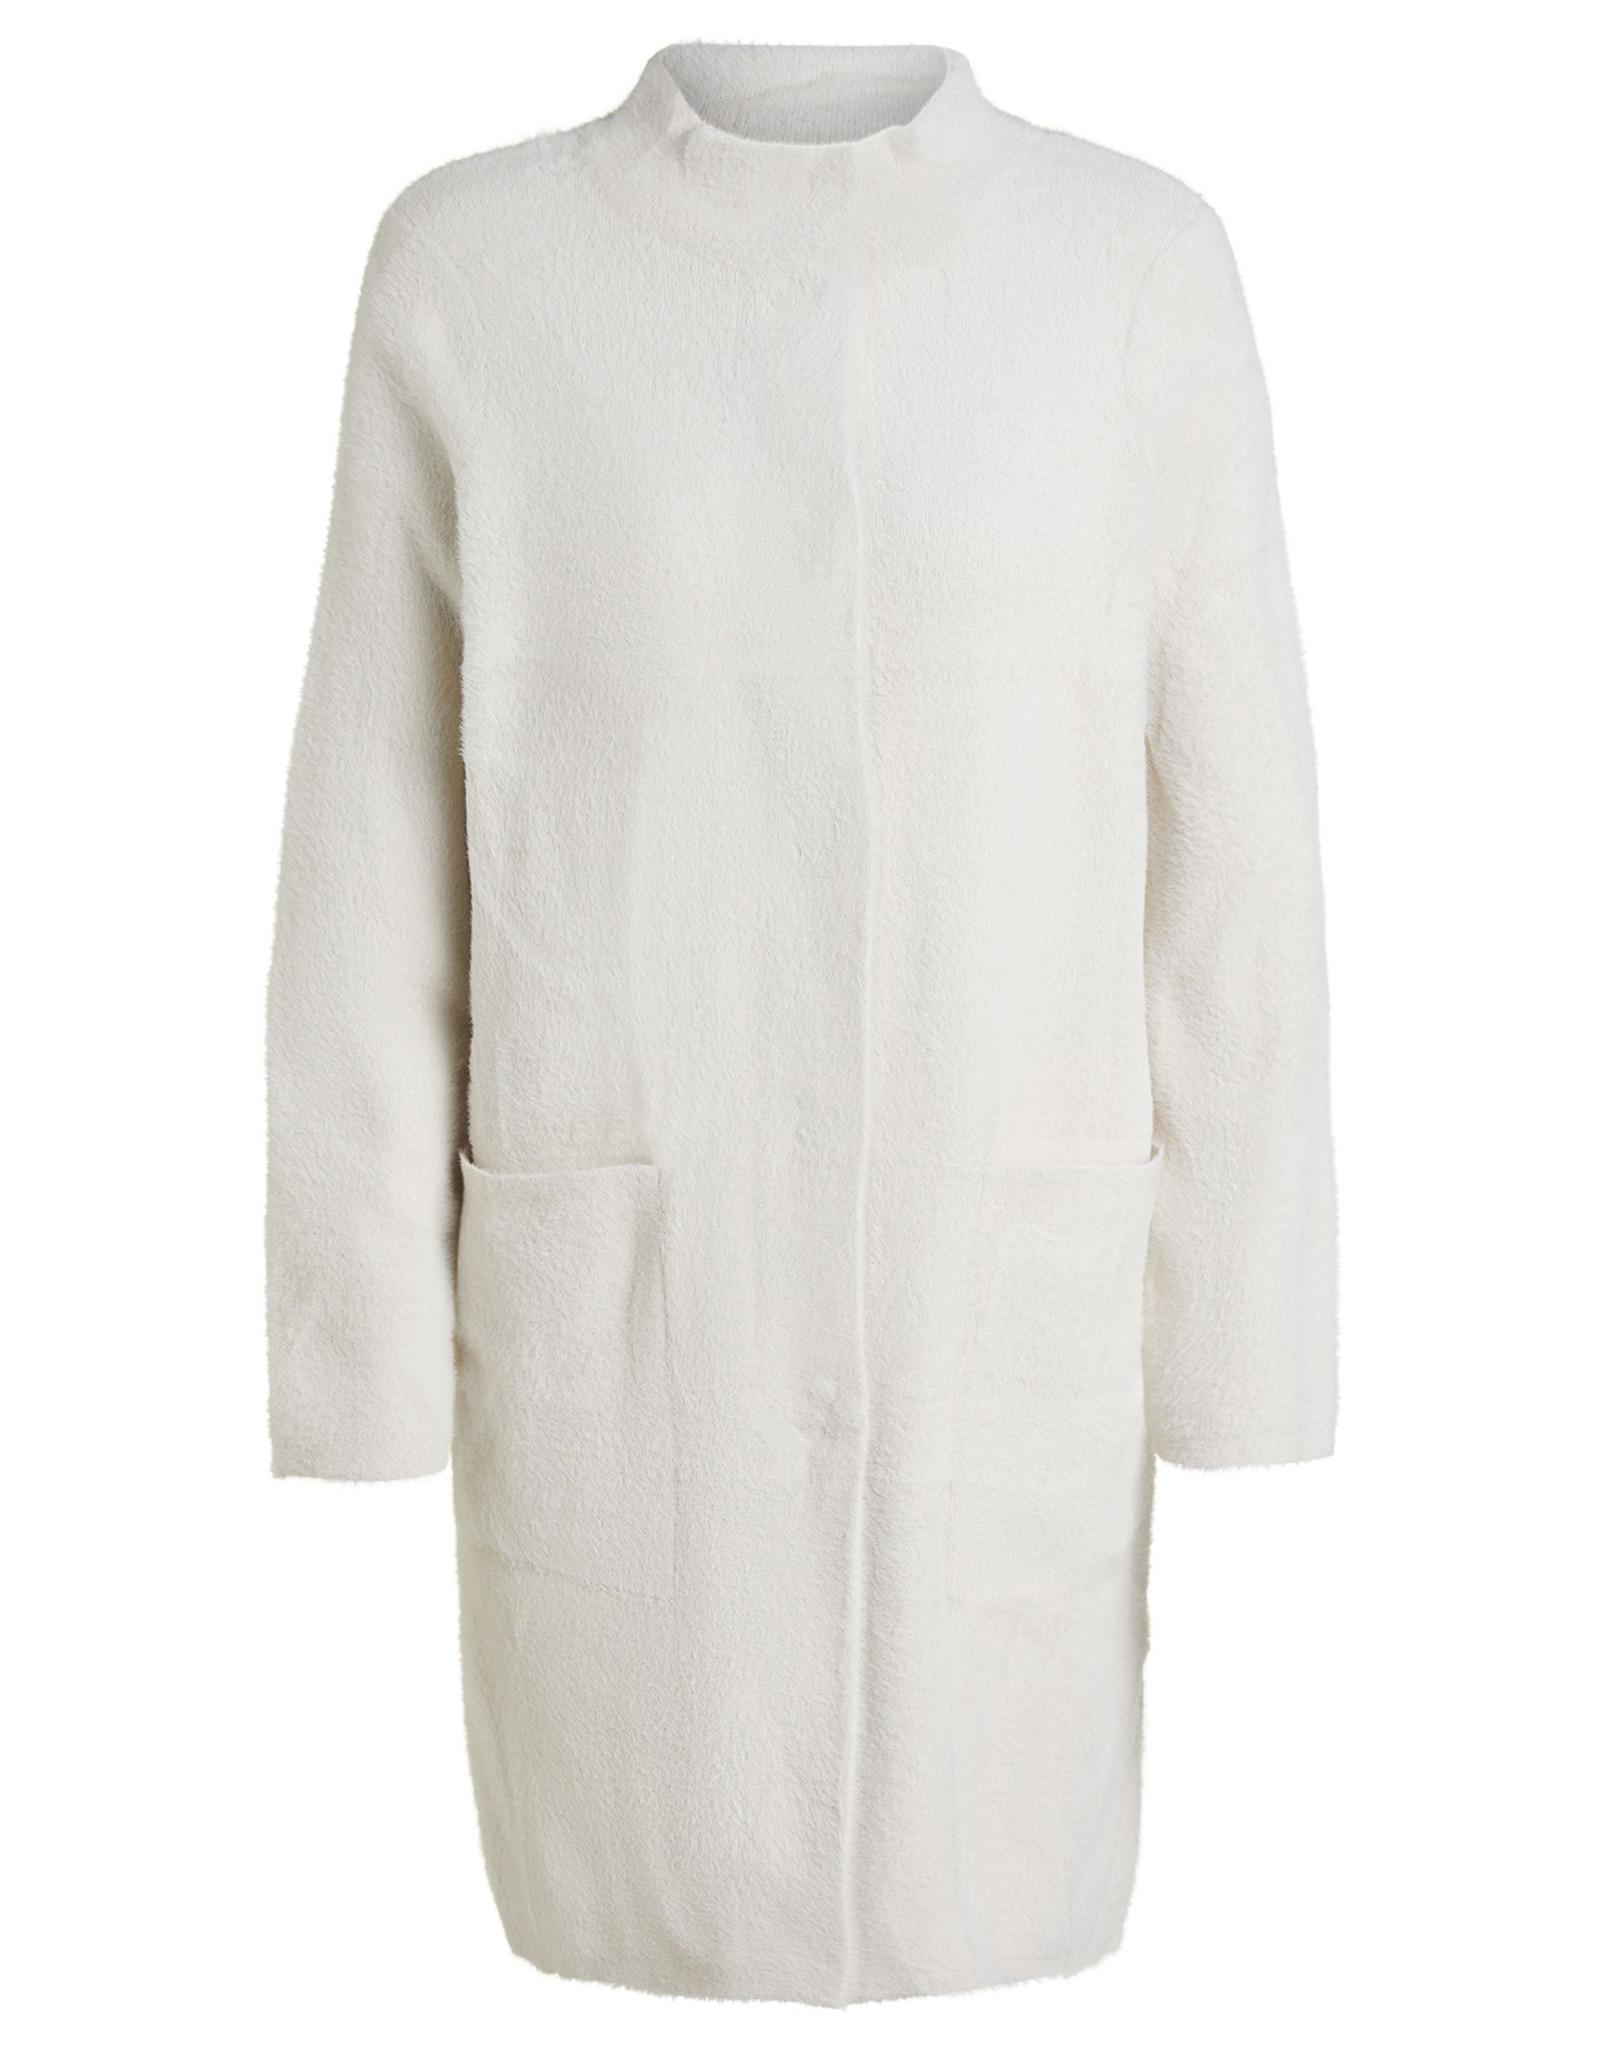 Oui Vest Fluffy White